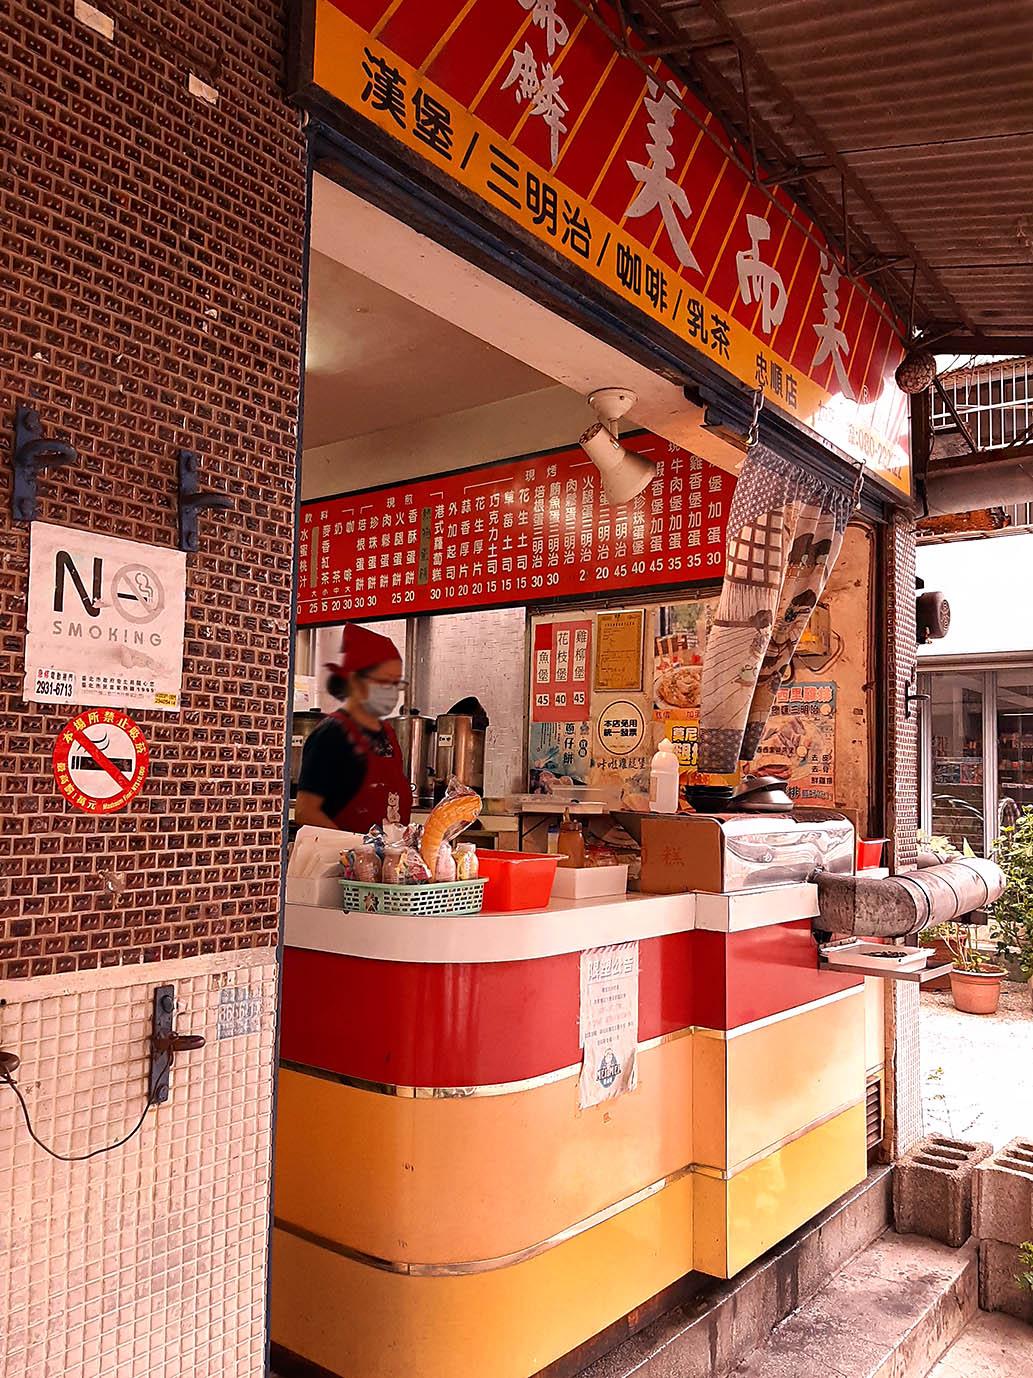 【阿彰の台湾写真紀行】台北の朝食店Part-2 西式早餐店(台湾式洋風朝食店)